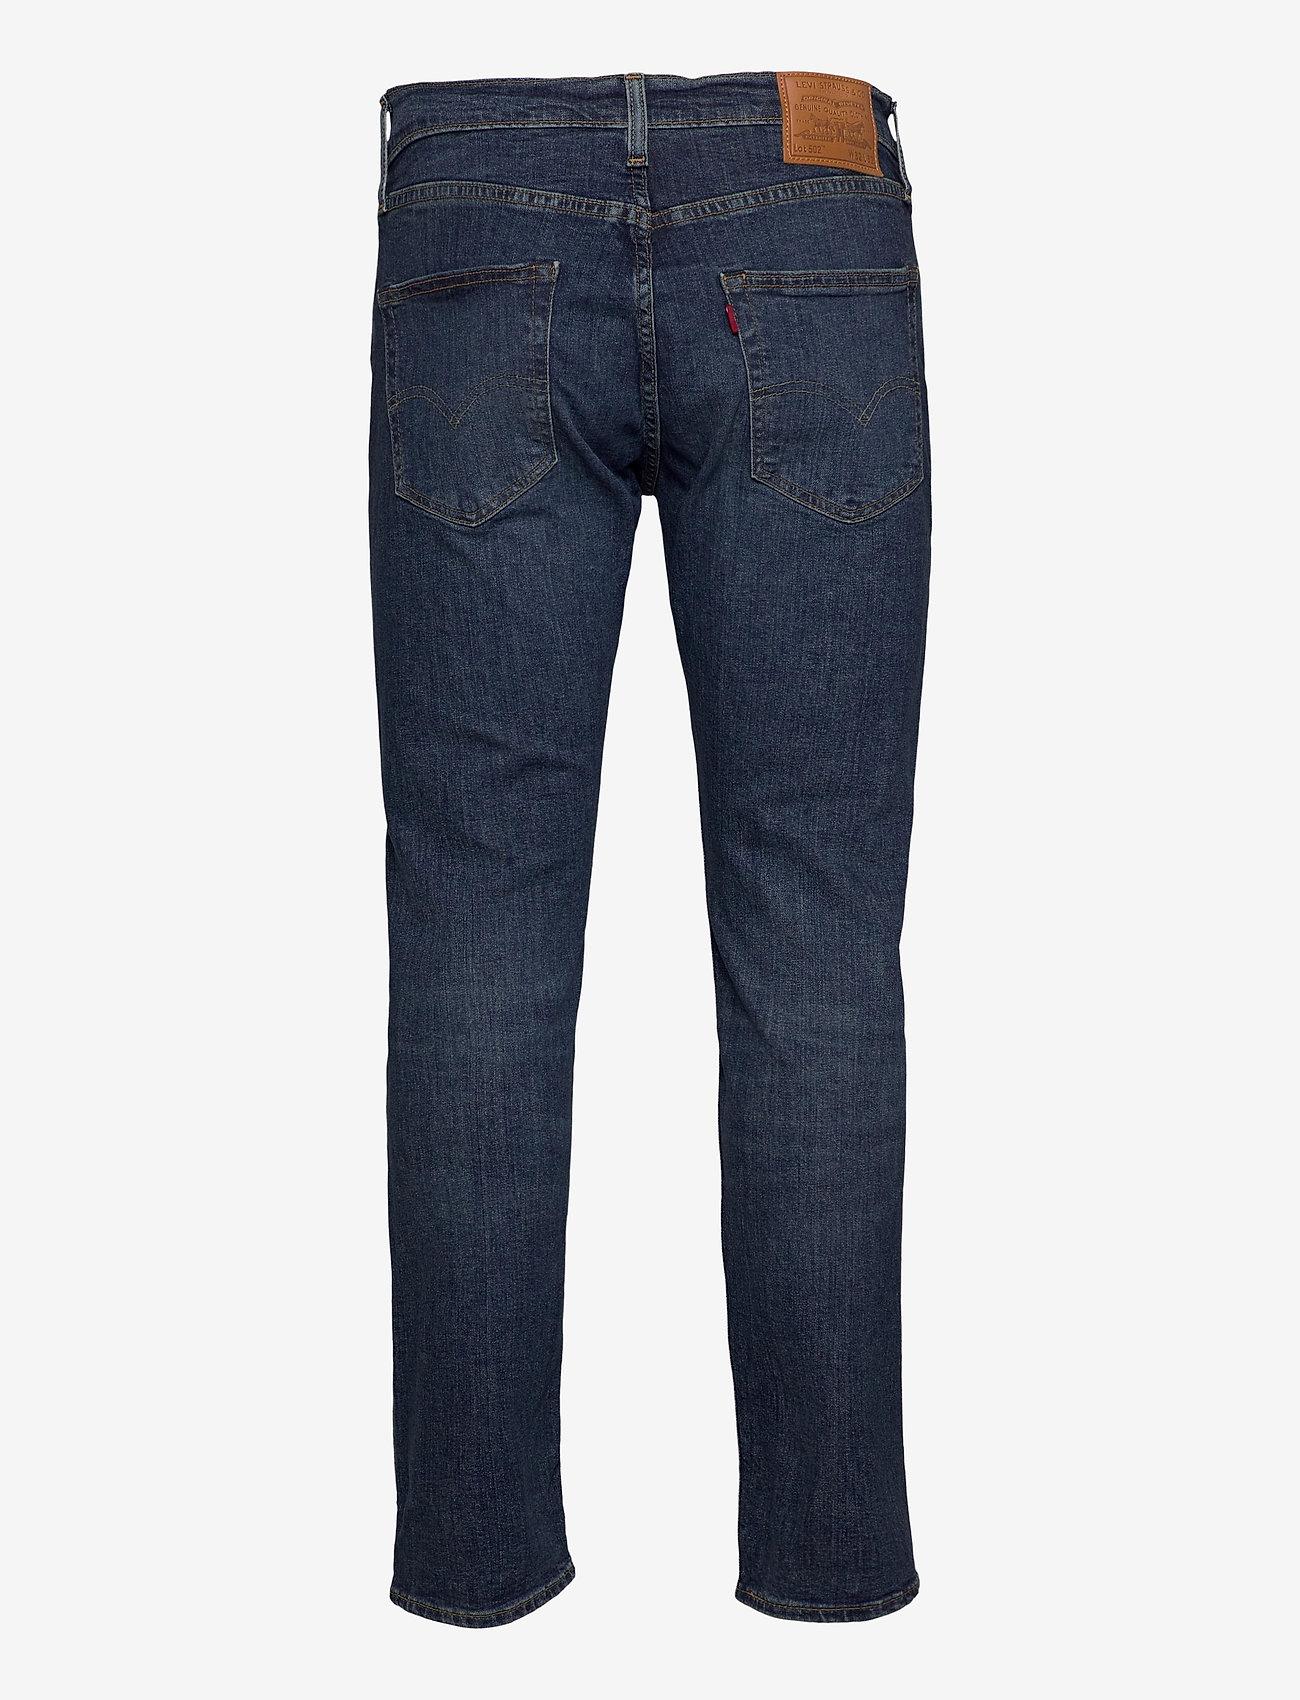 LEVI´S Men - 502 TAPER WAGYU MOSS - tapered jeans - dark indigo - worn in - 2